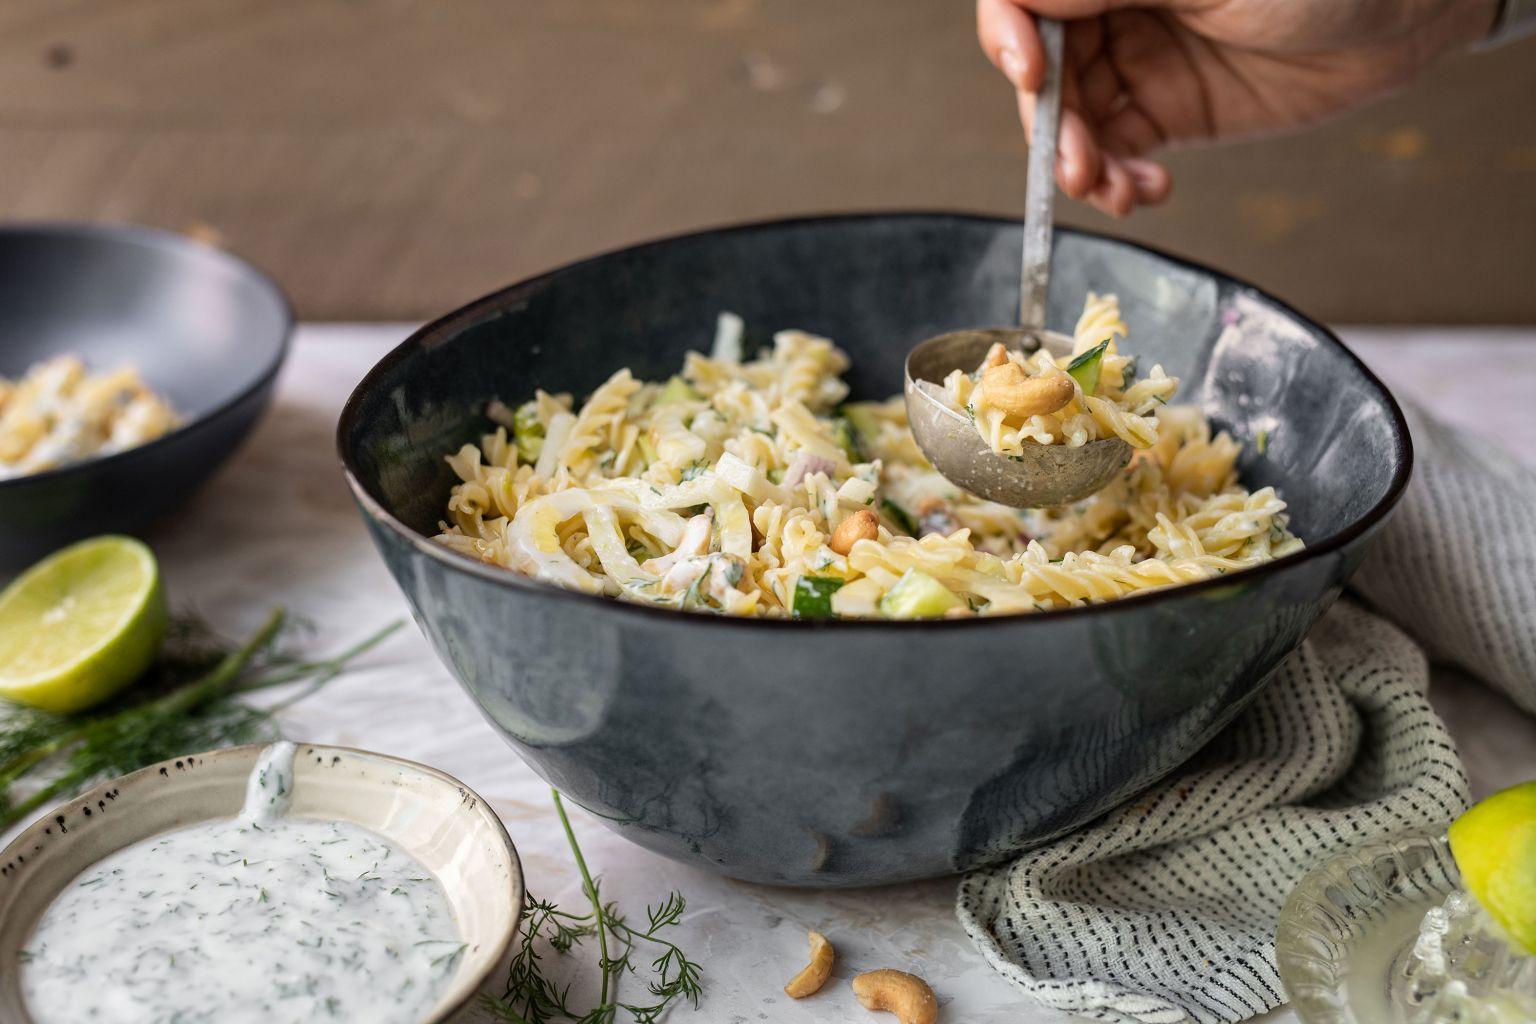 Salade de pâtes aux noix de cajou grillées et sauce fraîche à l'aneth et citron vert